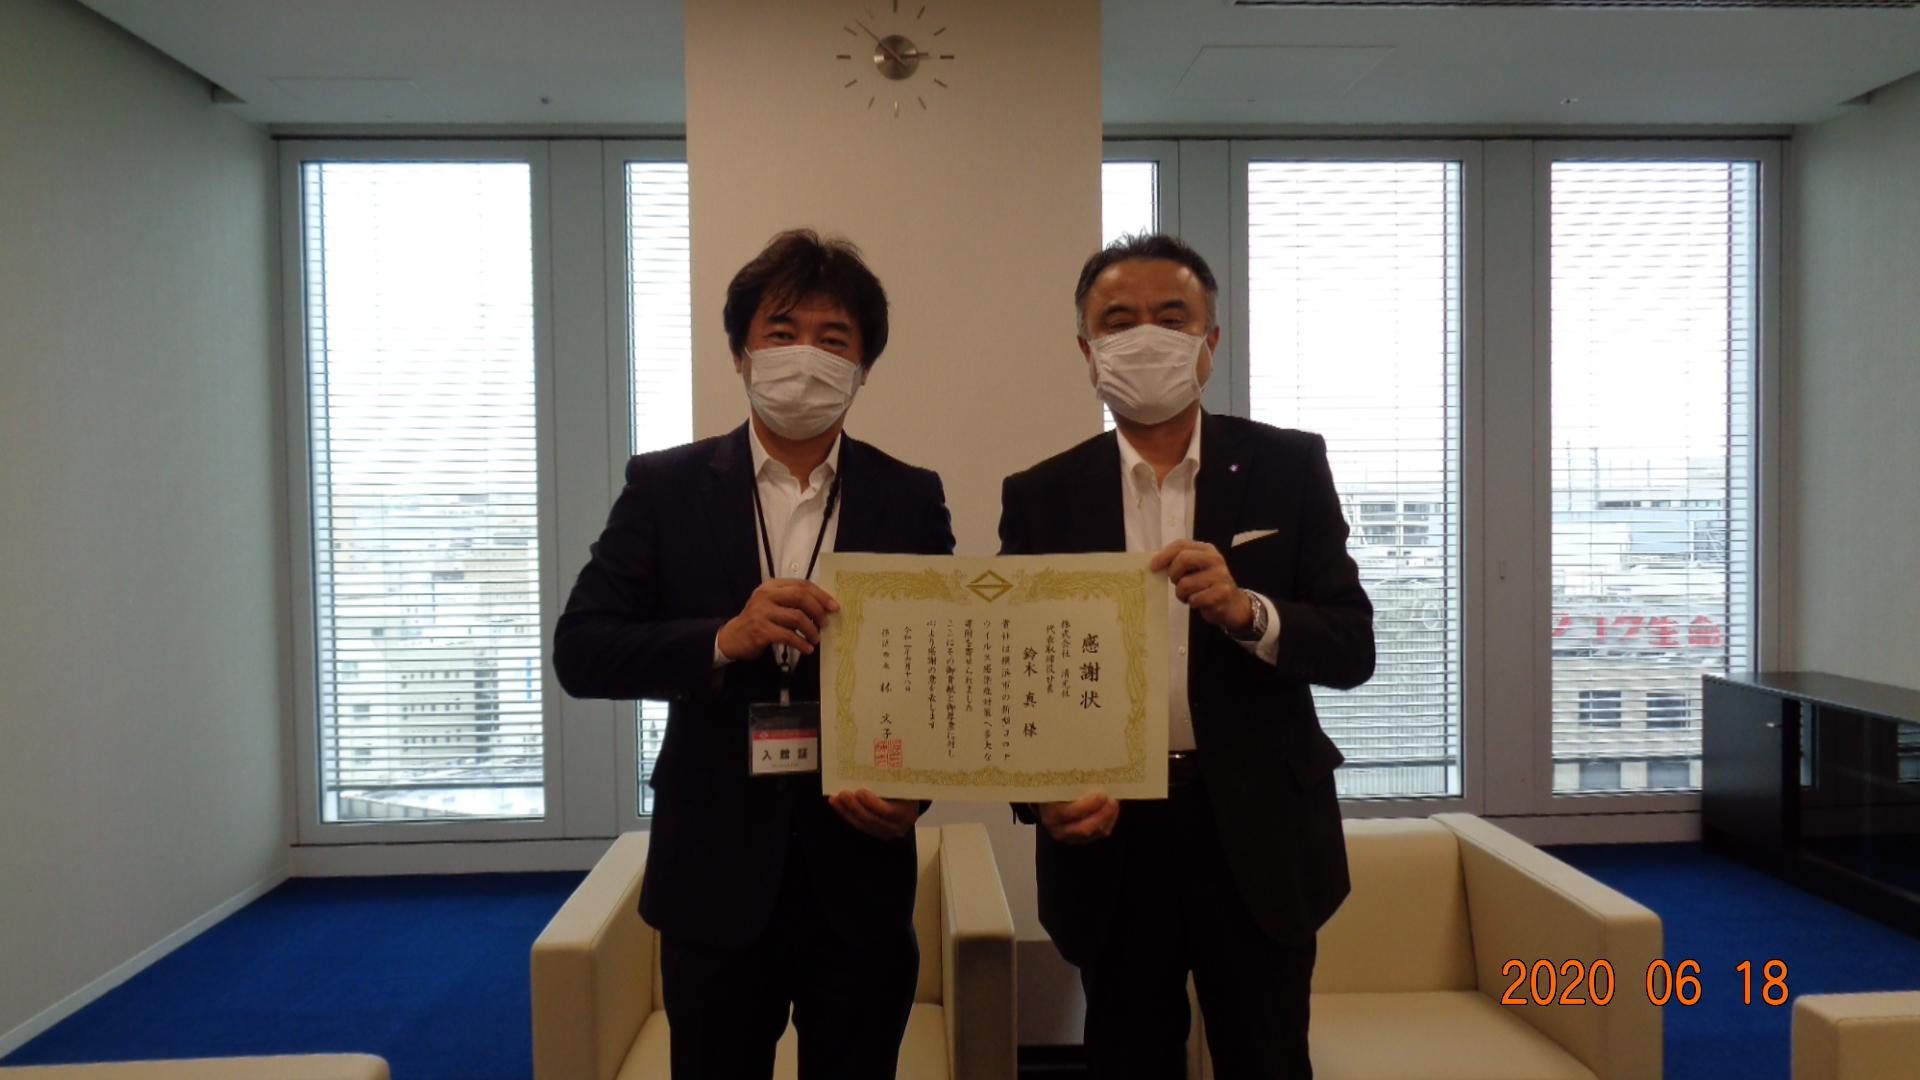 [新型コロナ感染症対策]横浜市より感謝状をいただきました